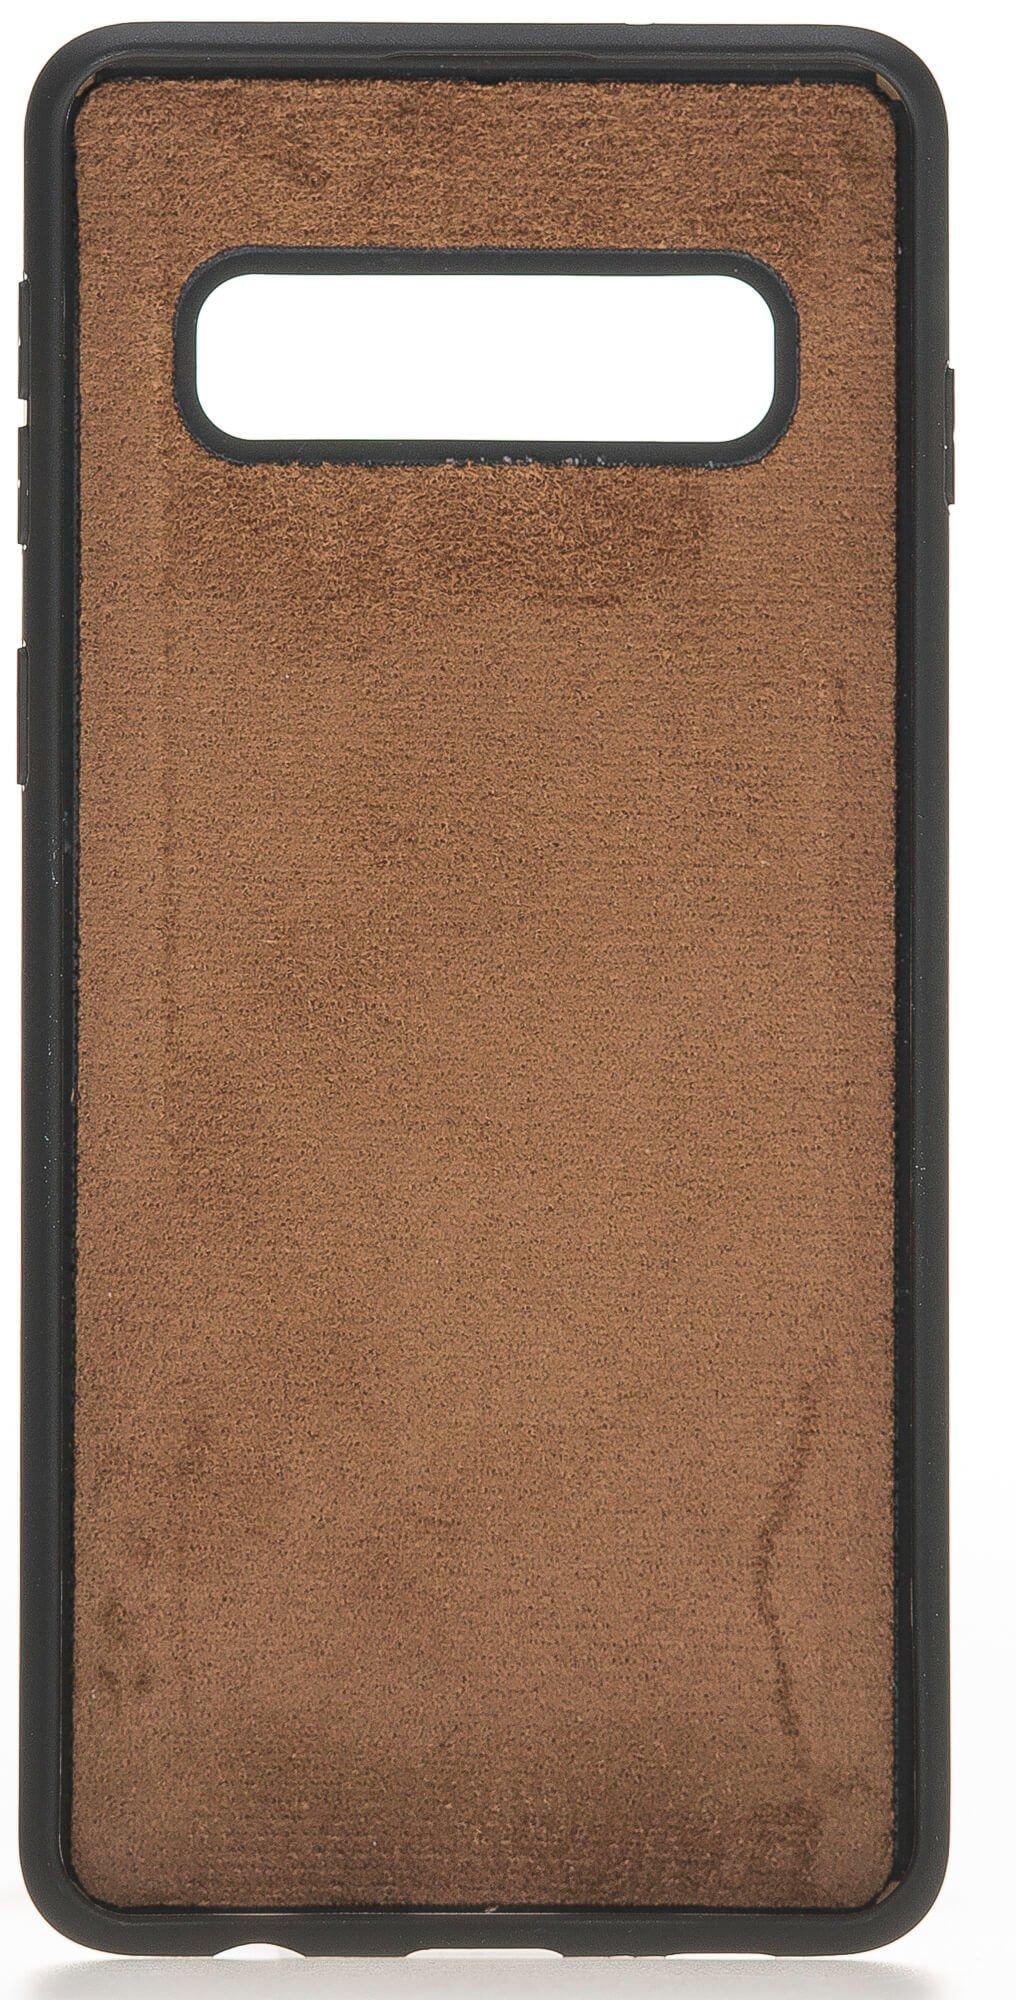 """Samsung S10+ """"Stanford"""" Leder Hülle Tasche Lederhülle Ledertasche Backcover in Vintage Braun"""